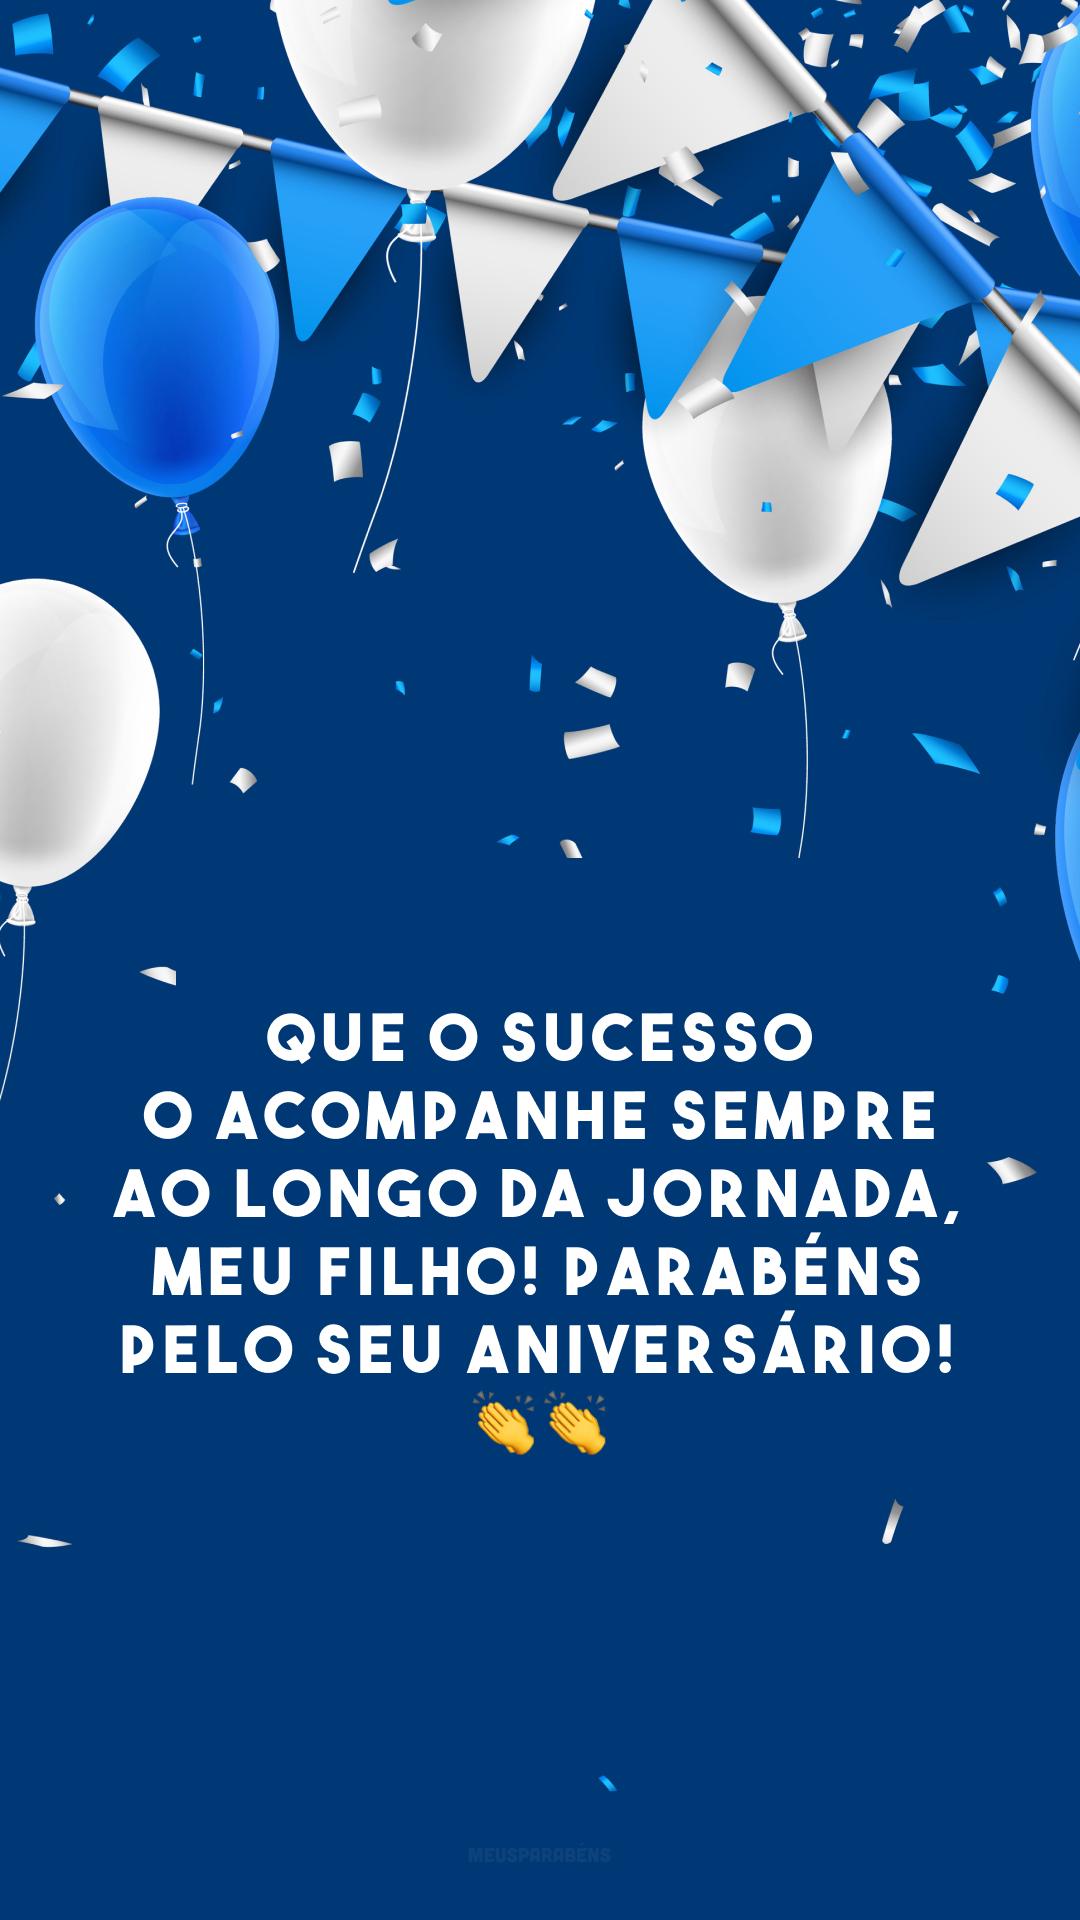 Que o sucesso o acompanhe sempre ao longo da jornada, meu filho! Parabéns pelo seu aniversário! 👏👏